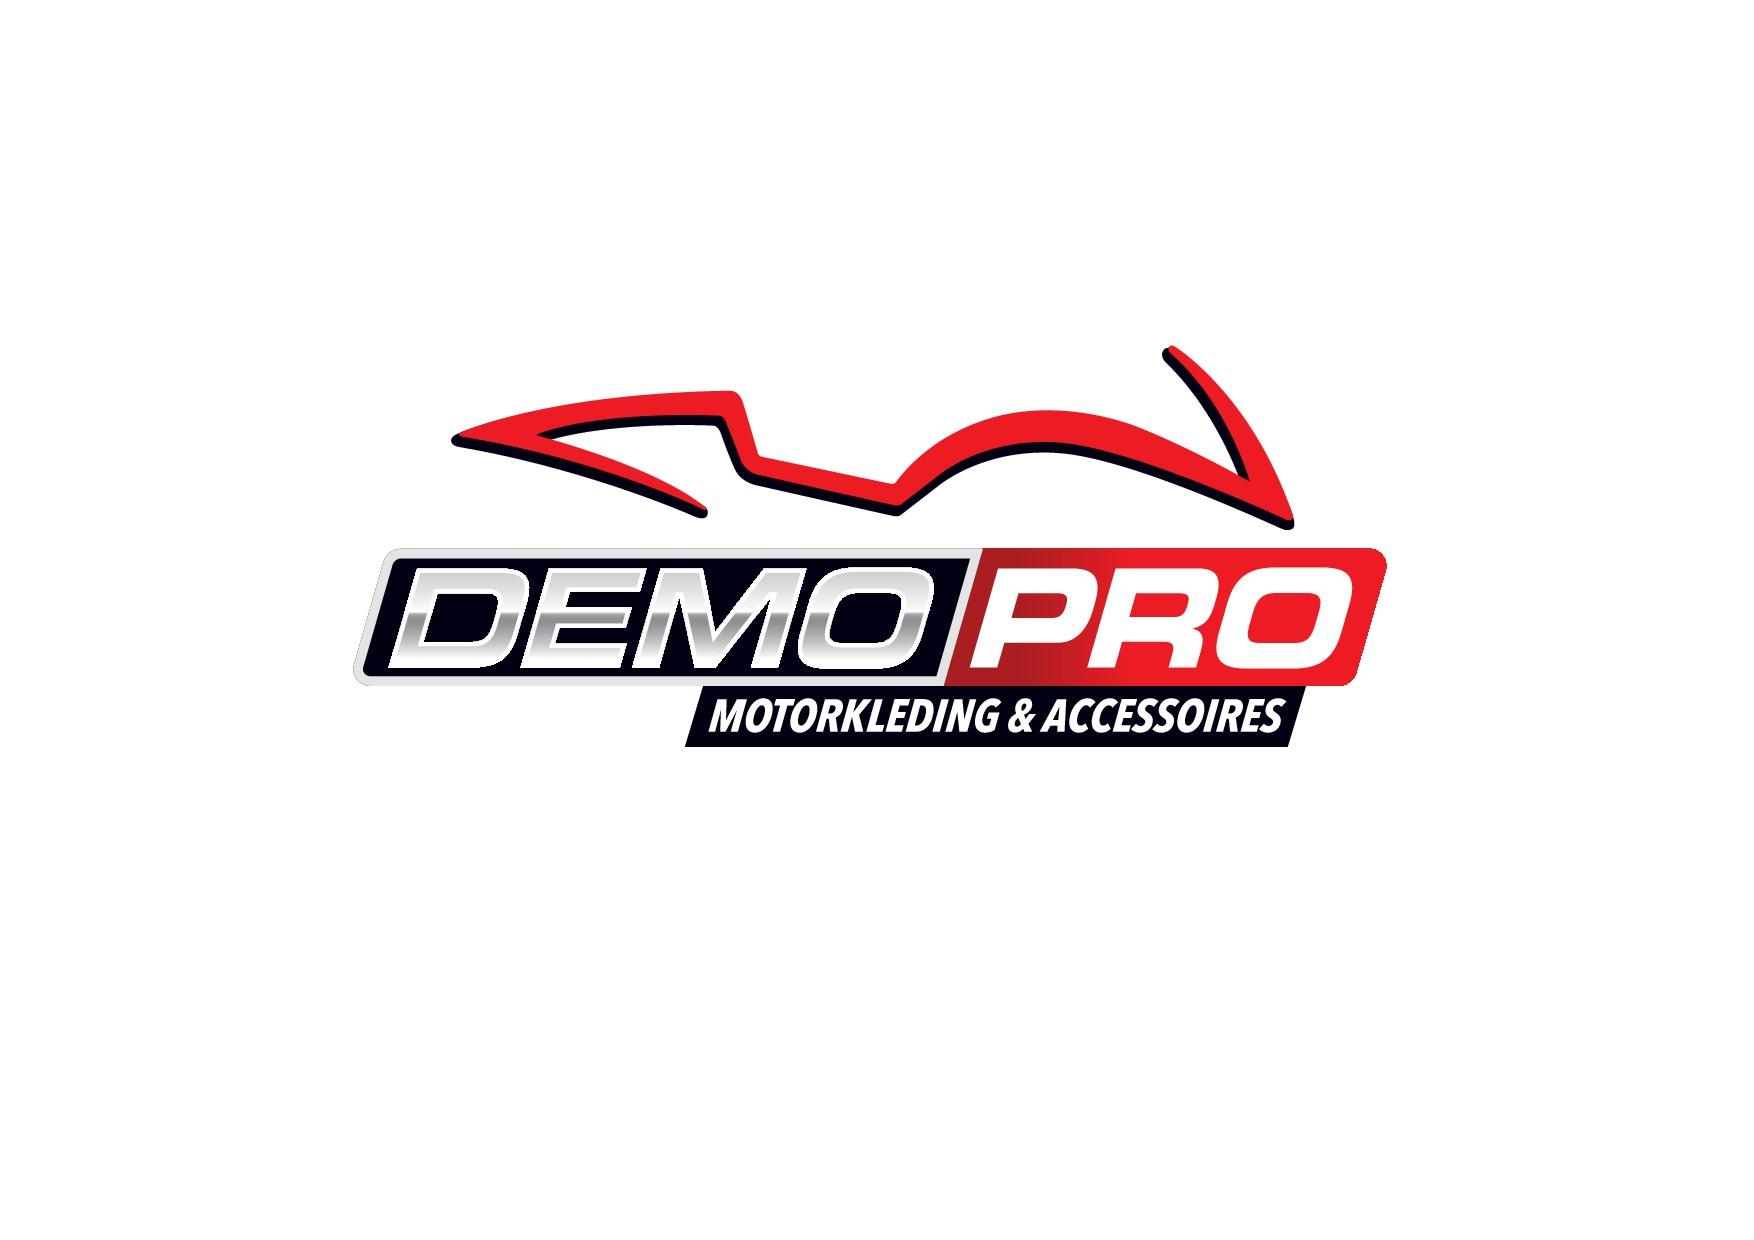 ontwerp een krachtig logo voor een detailhandel in motorkleding en accessoires